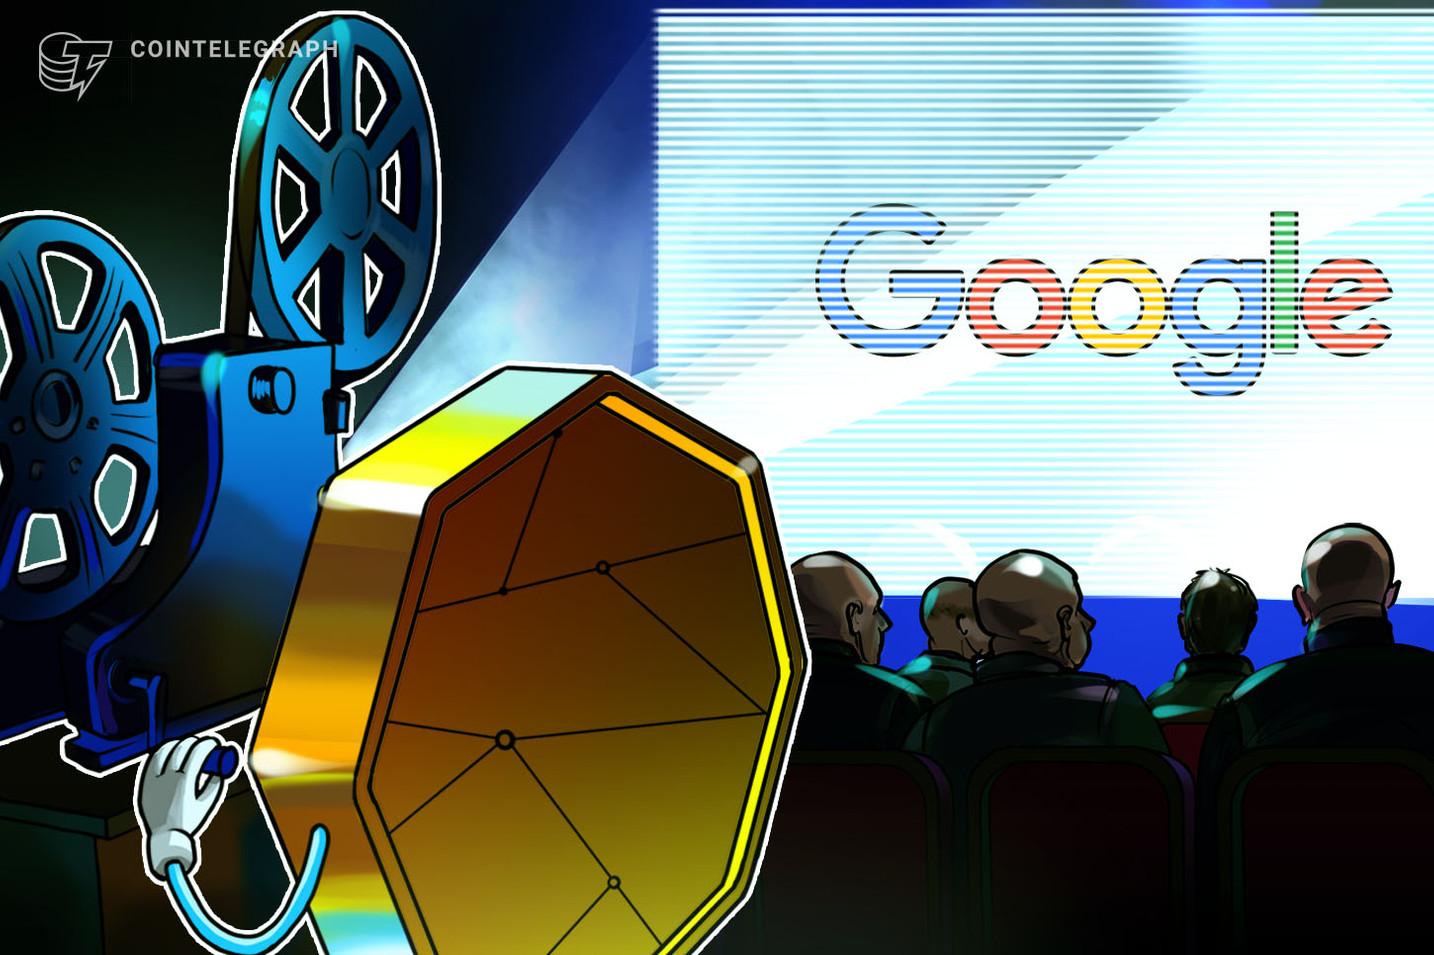 「仮想通貨はお金か?」 グーグルの新広告で仮想通貨に言及